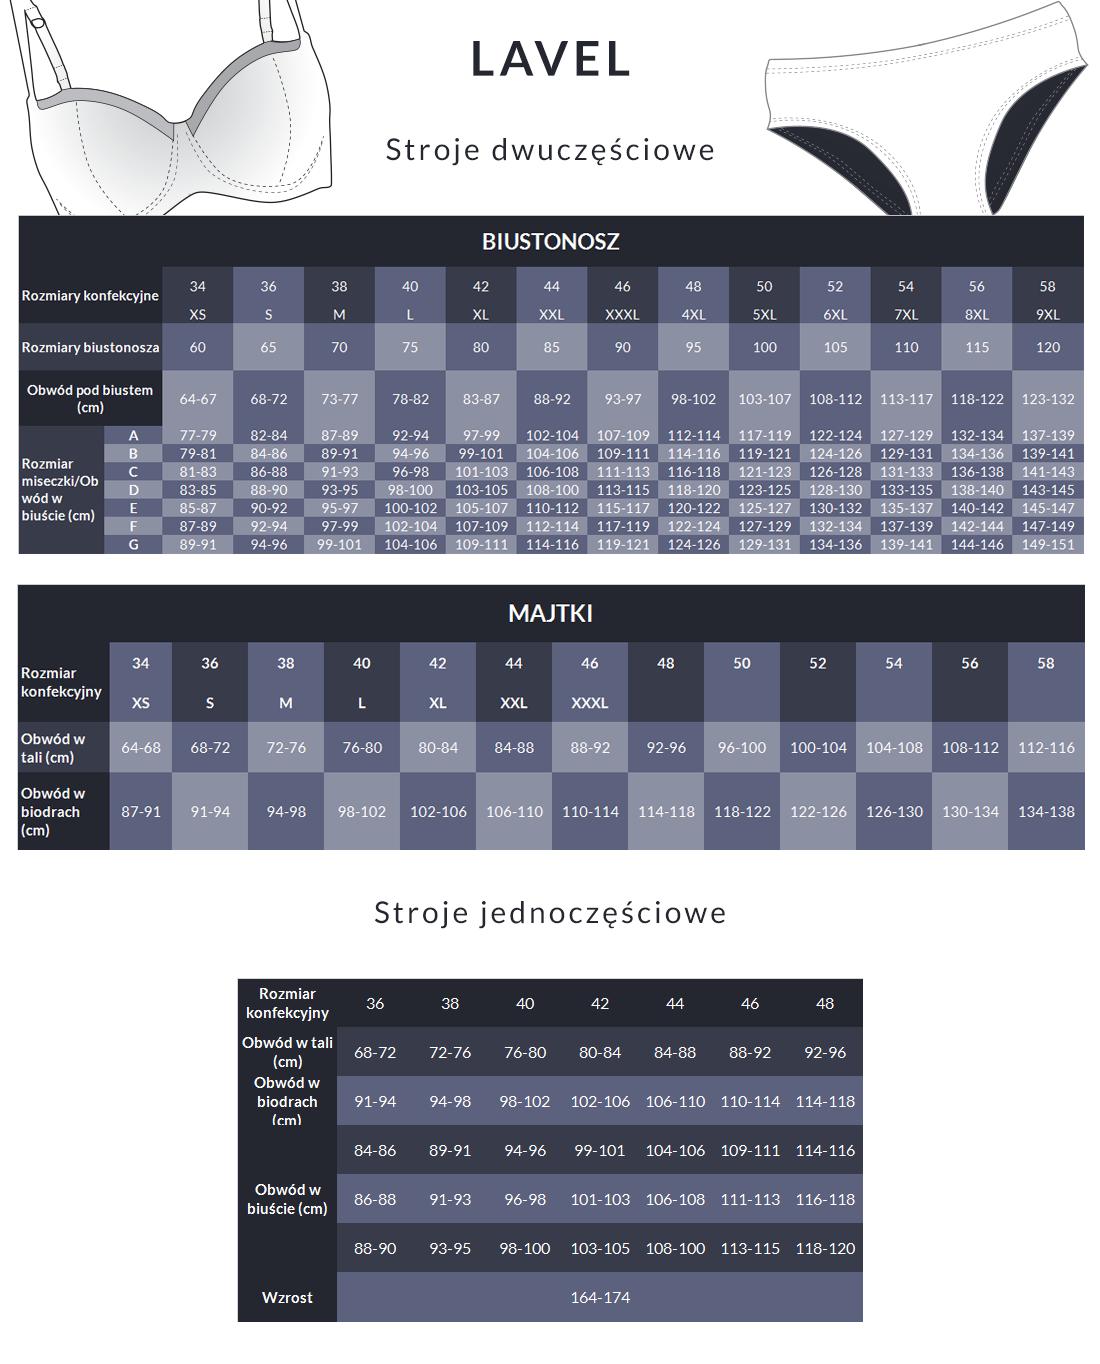 Tabela rozmiarów - Lavel